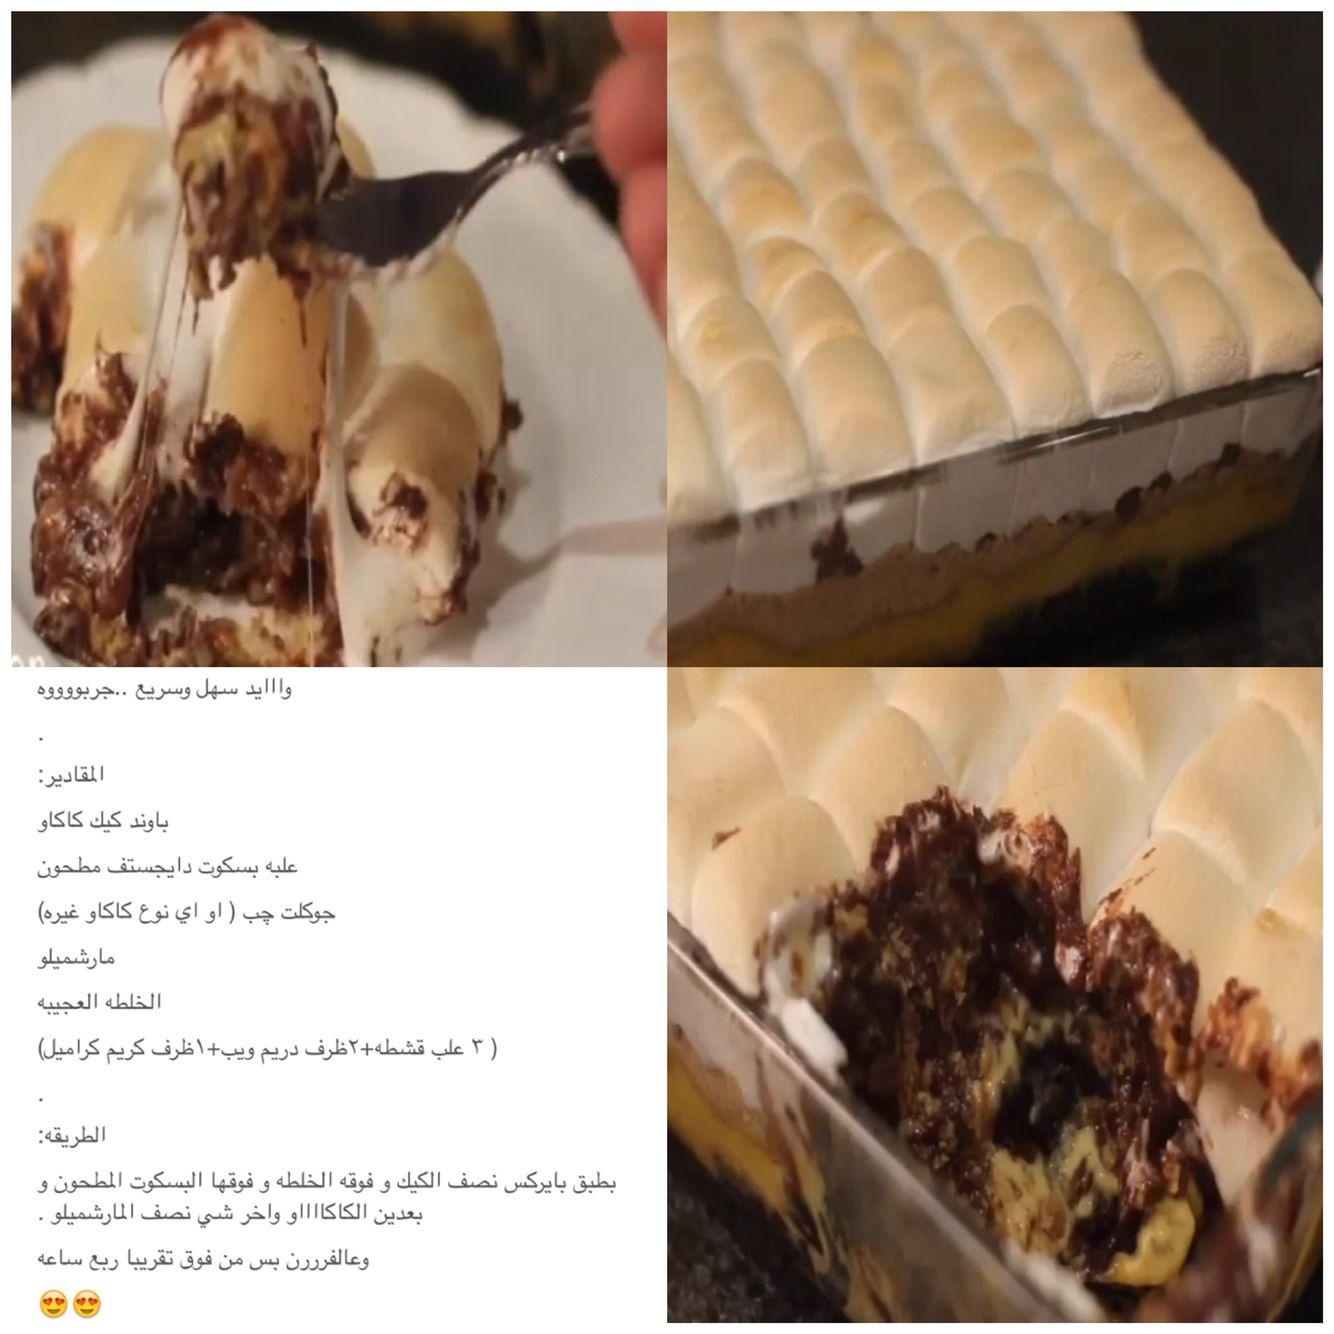 حلو الدايجستف وكيك الباوند و المارشميلو Food Arabic Food Desserts